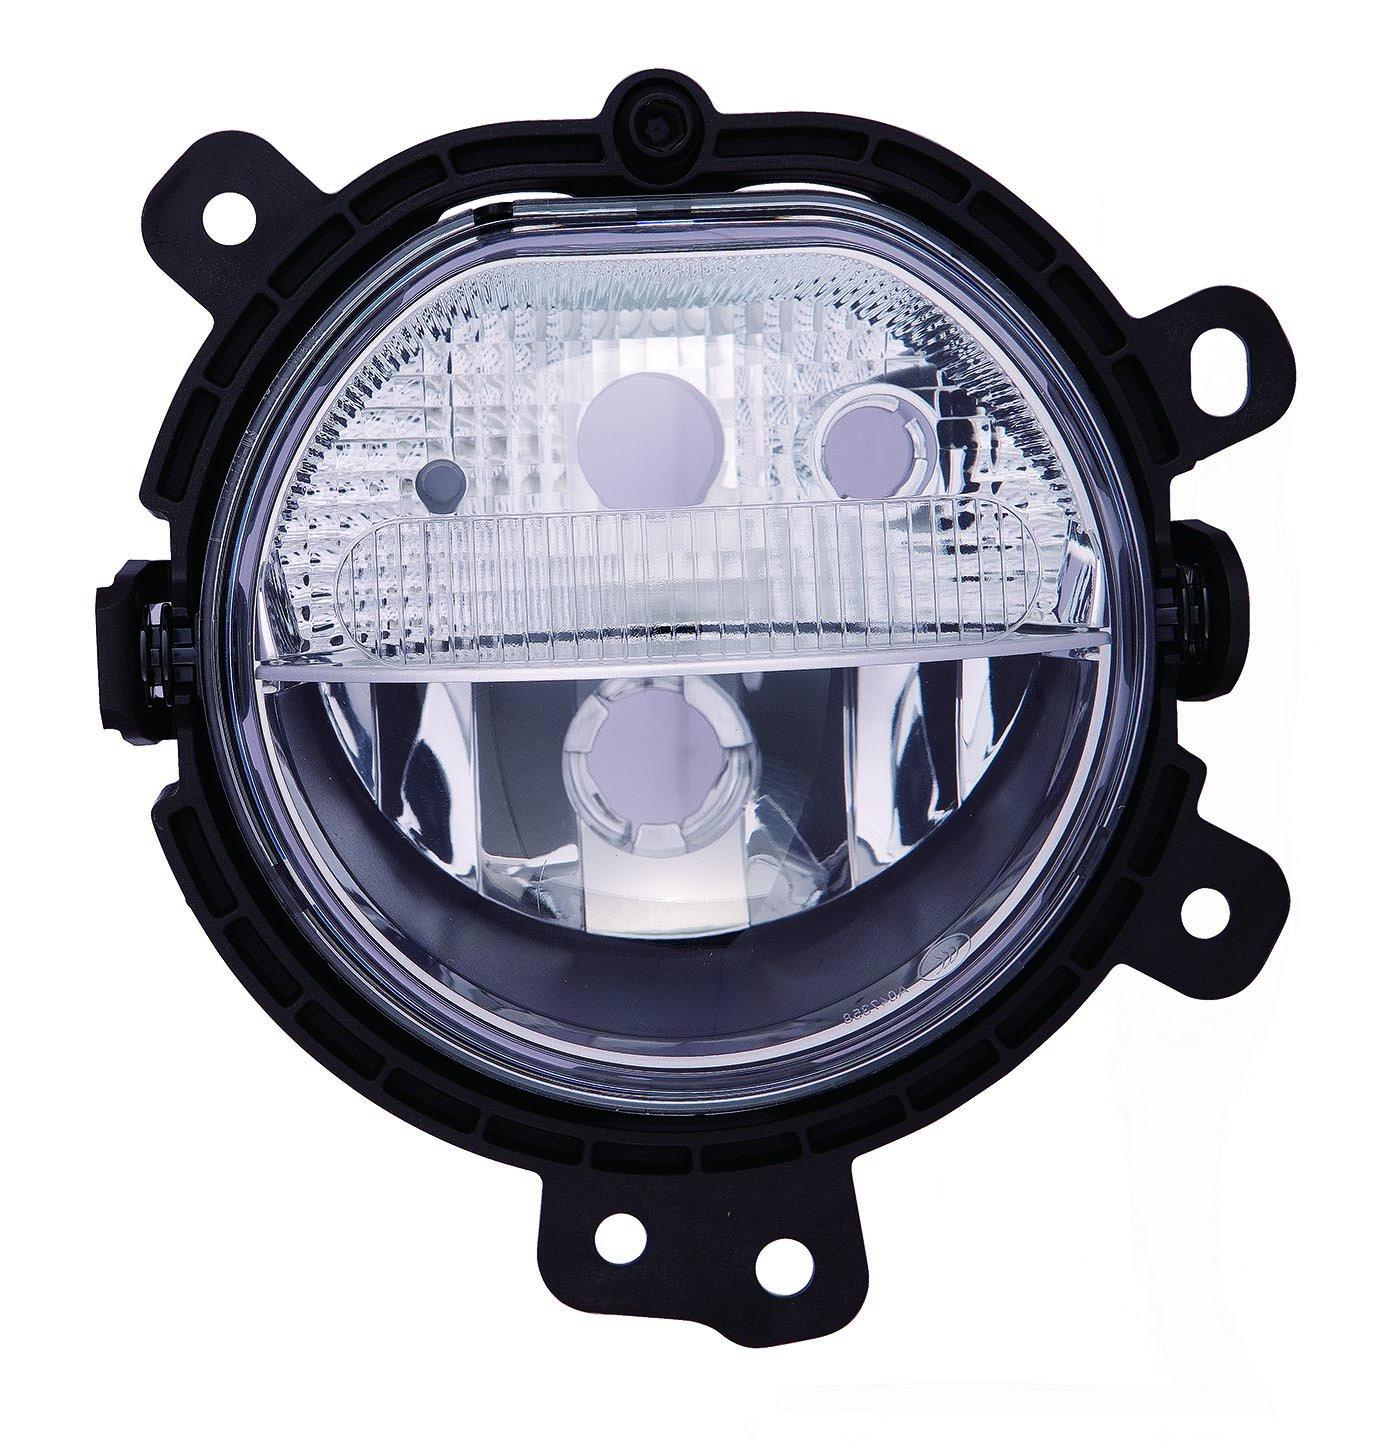 TarosTrade 36-6911-L-85263 Fog Light